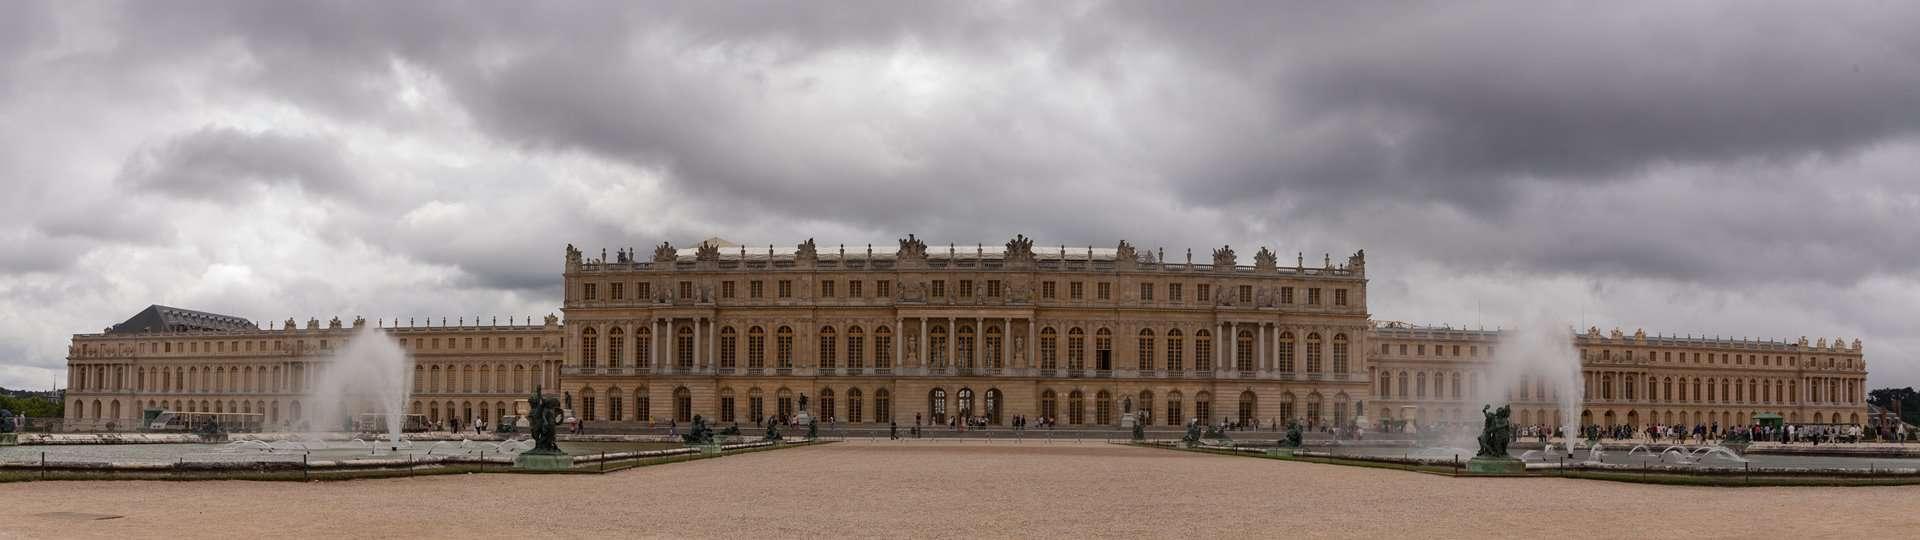 Archaeology Travel   Castles & Palaces Near Paris   16